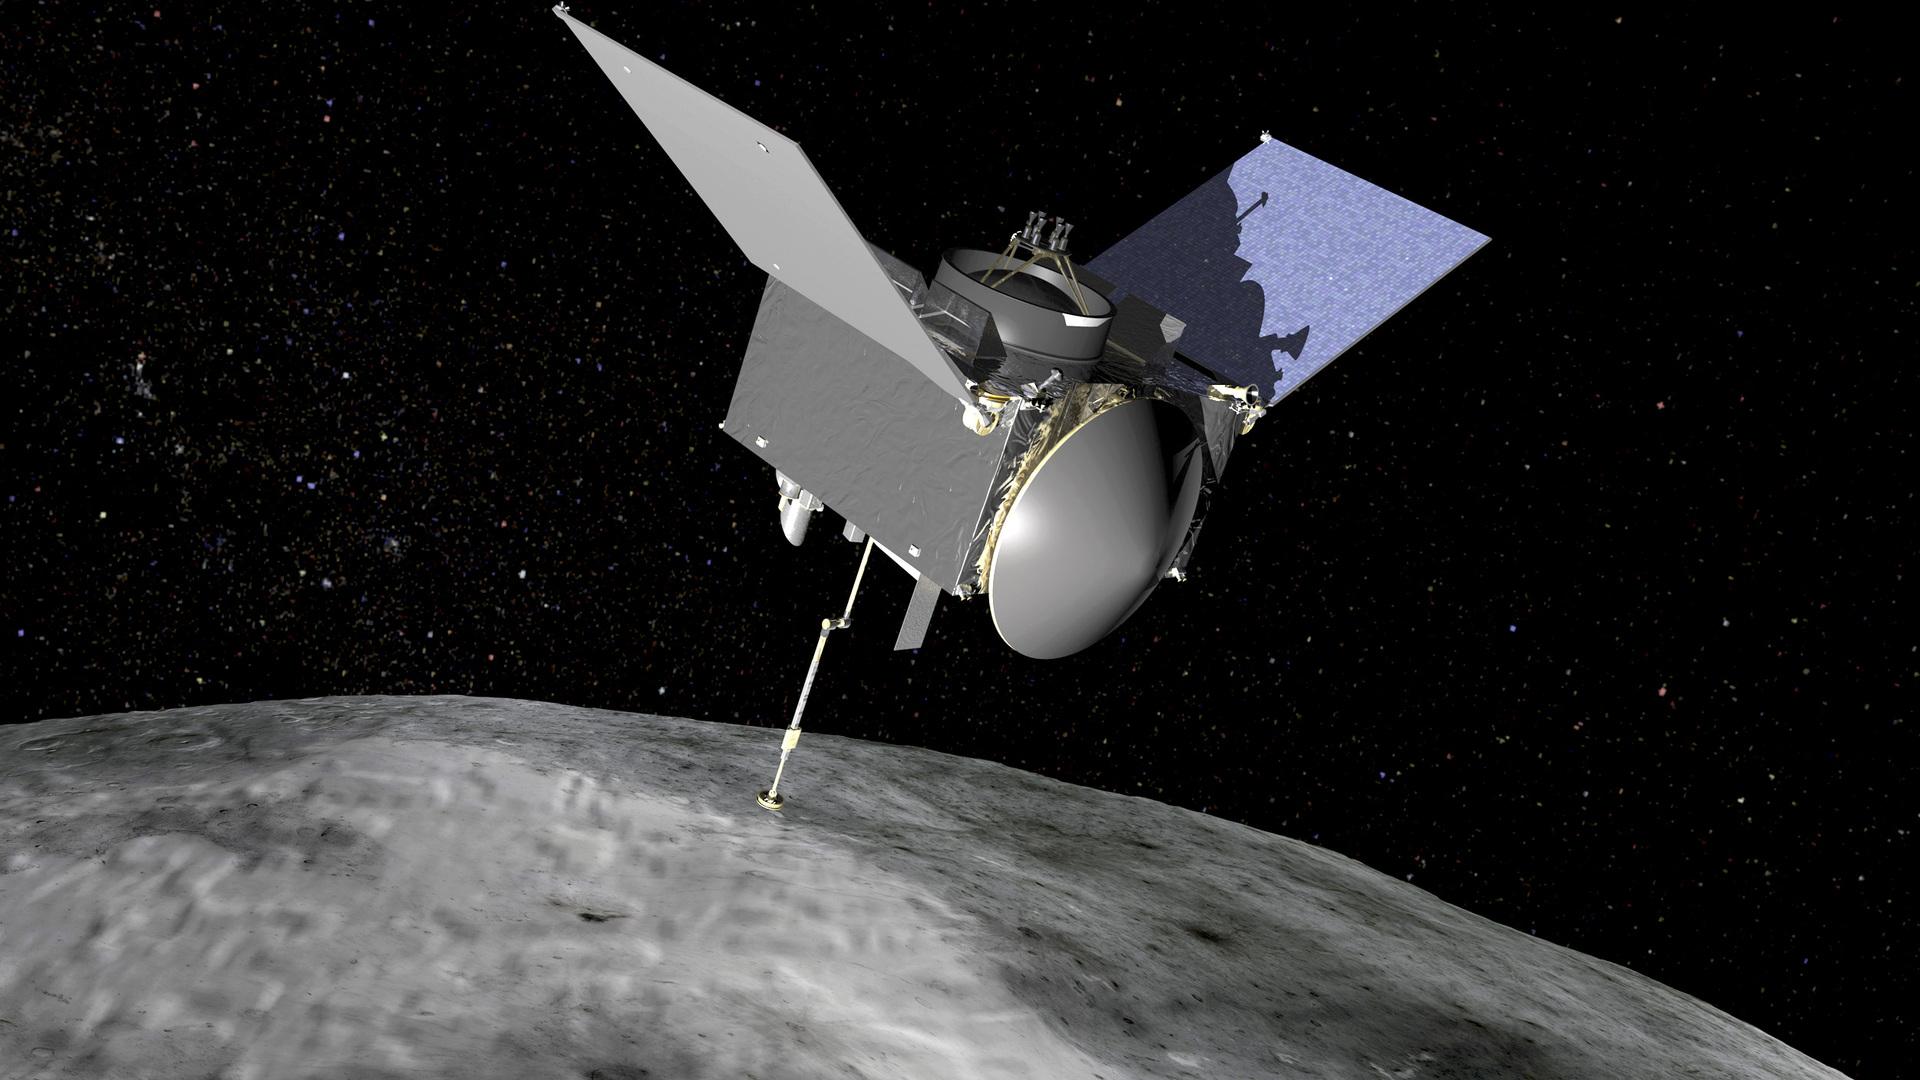 صورة حاسوبية للمسبار الفضائي الأمريكي